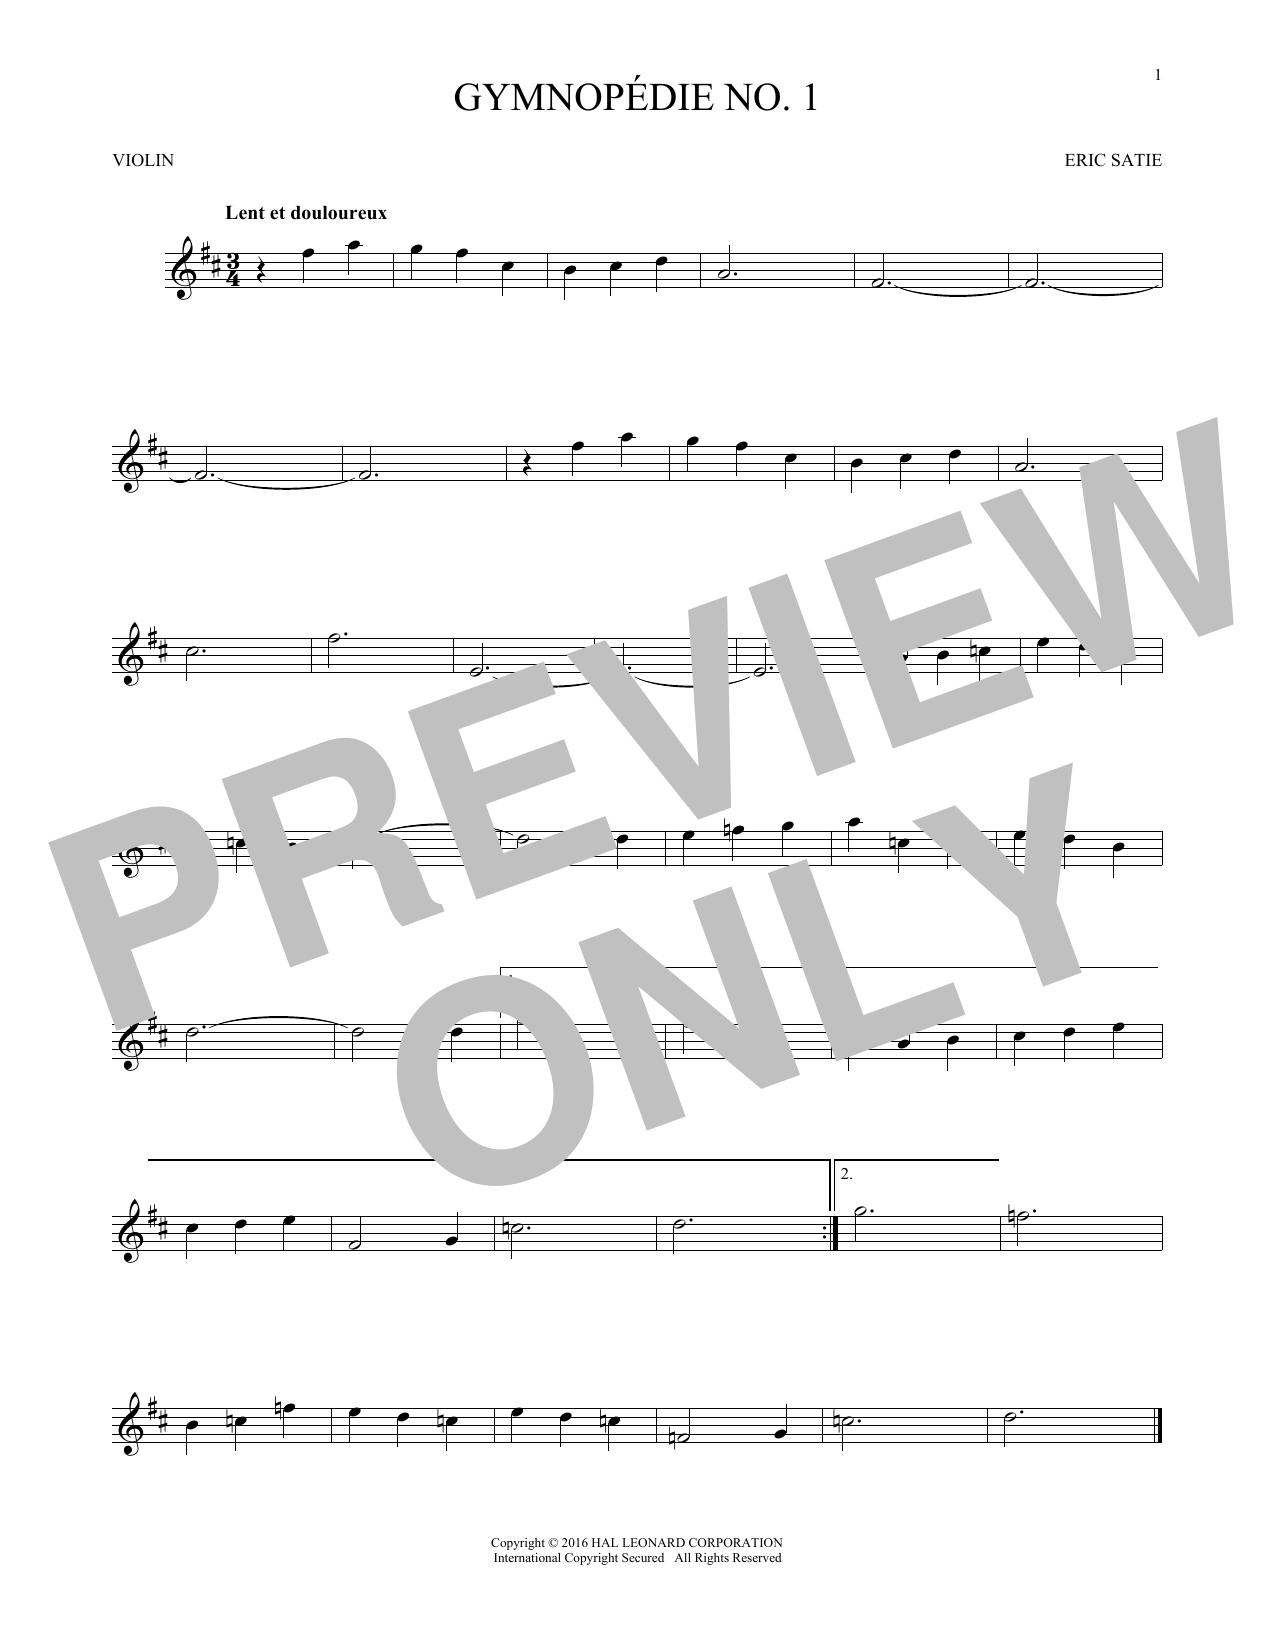 Gymnopedie No. 1 (Violin Solo)